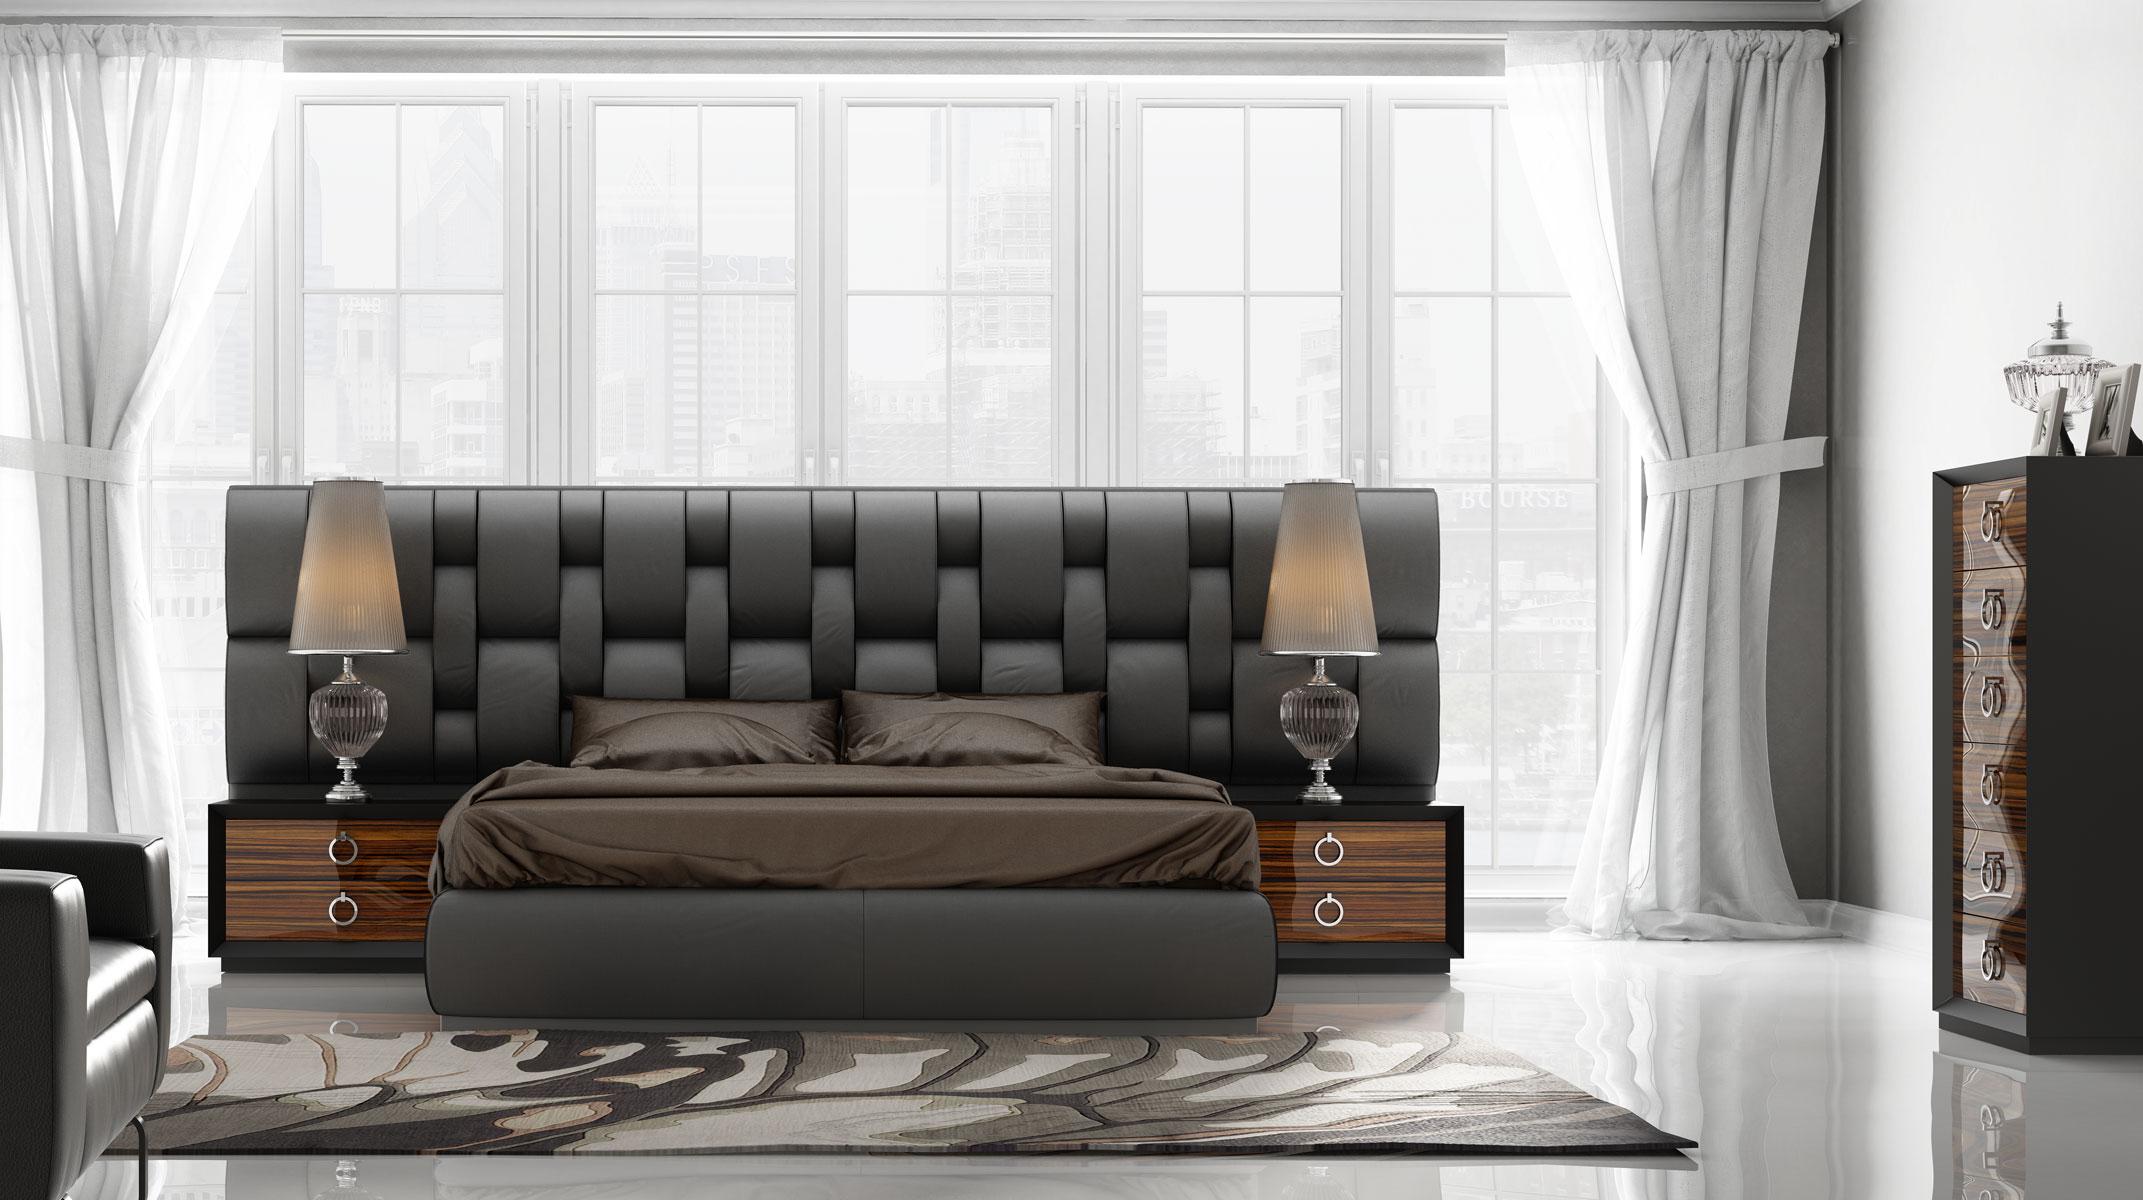 Contemporary Luxury Bedroom Set with Designer Long Exclusive Bed Aurora Colorado FrancoKL112